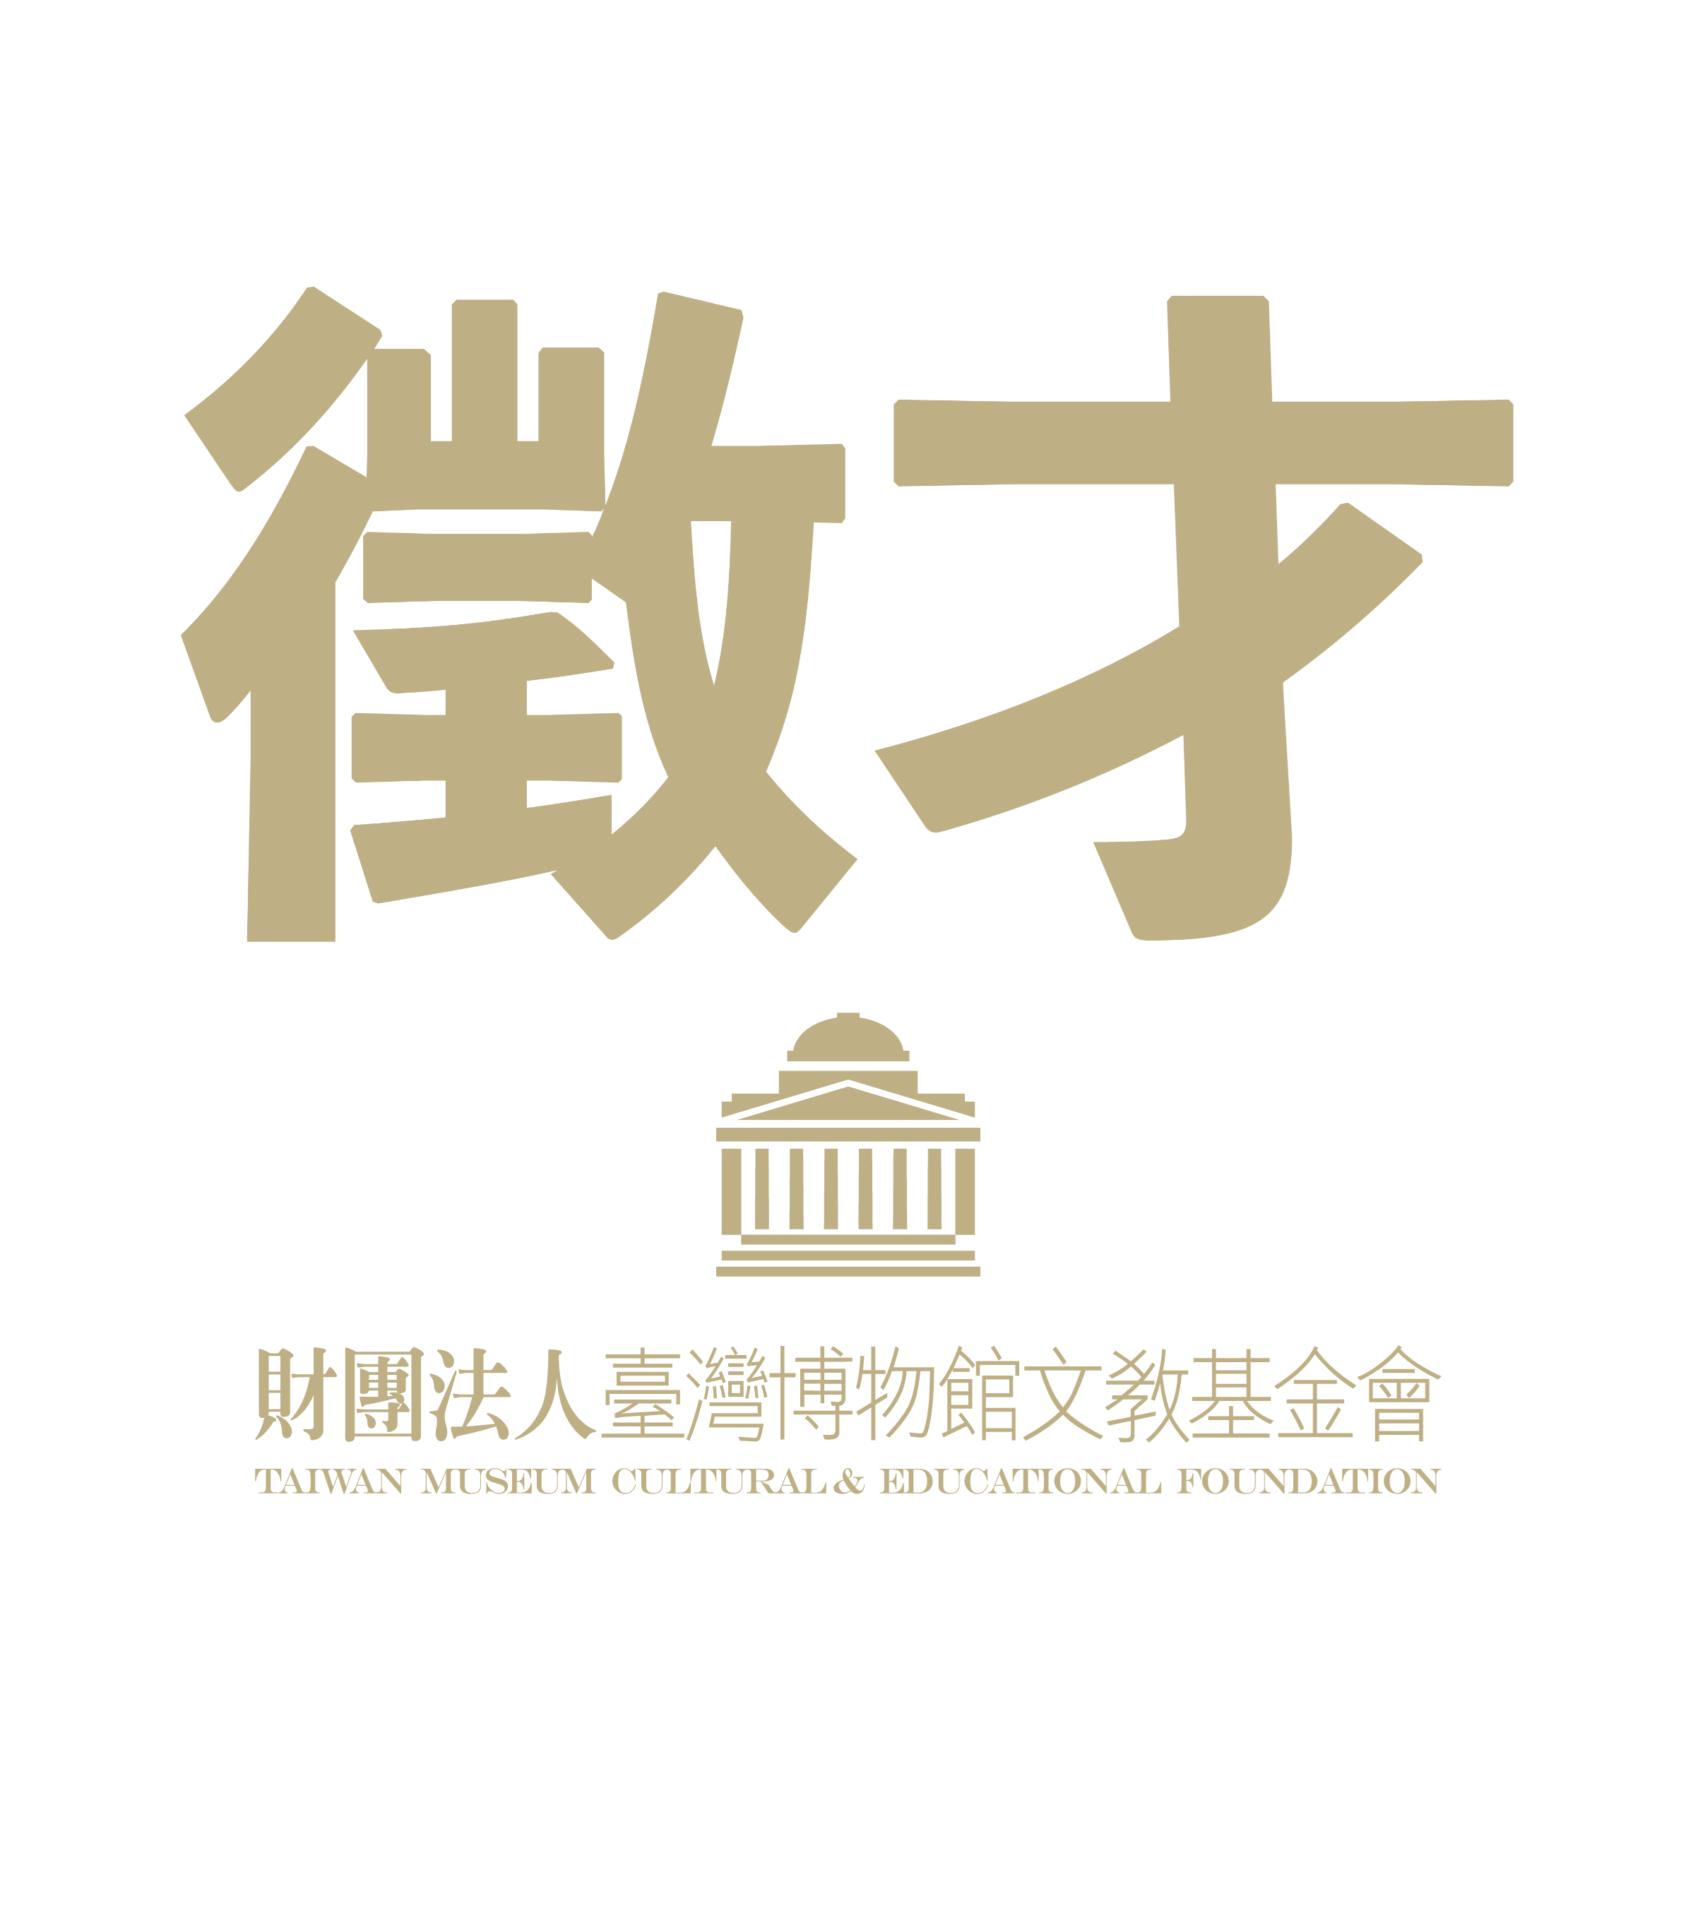 財團法人臺灣博物館文教基金會:即日起~5/12【徵才公告(會計1名)】